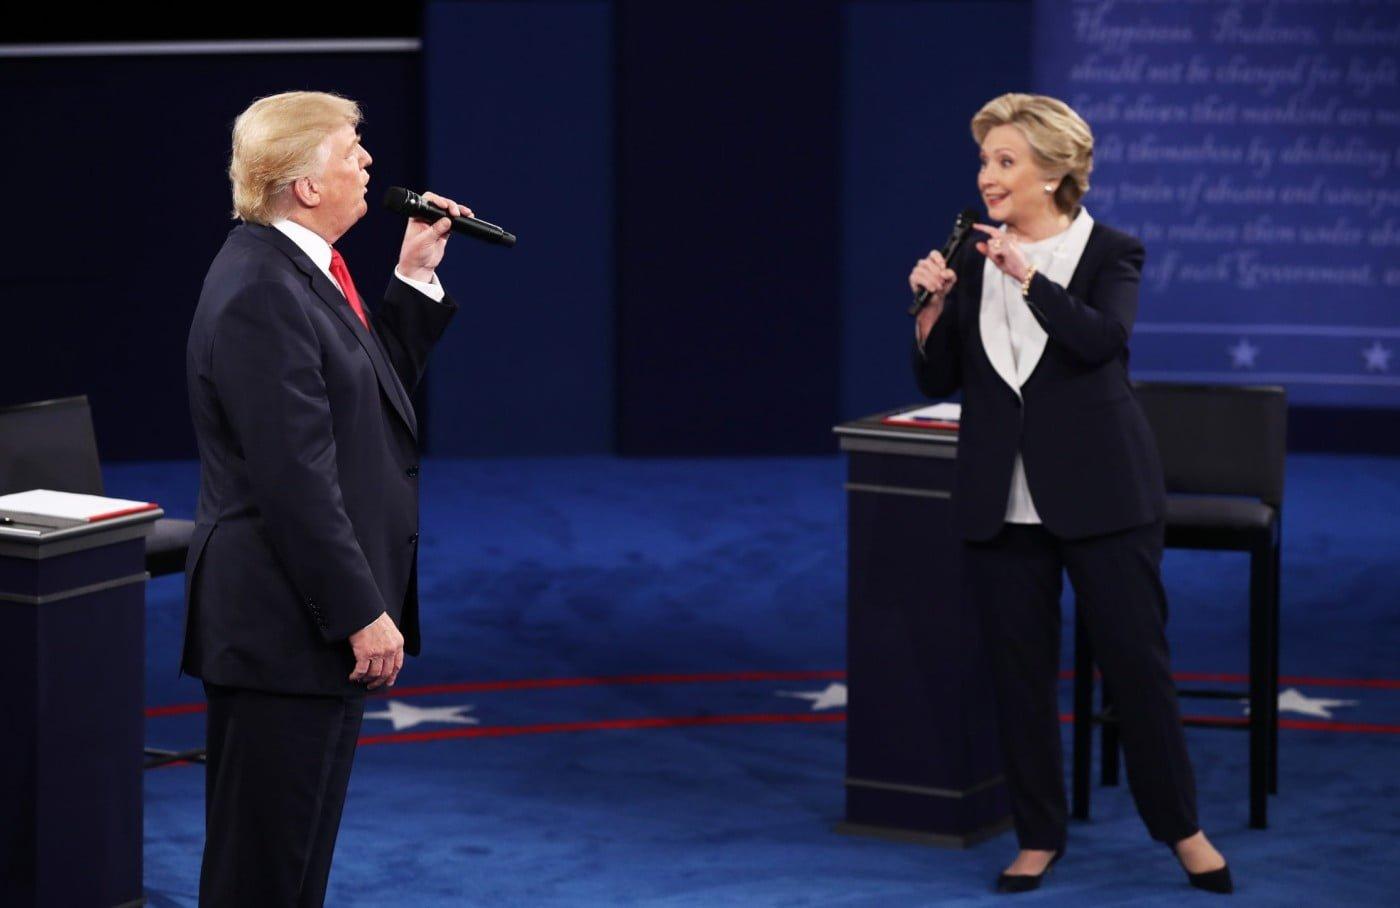 Nos debates presidenciais dos EUA, Donald Trump protagonizou inúmeros episódios de Mansplaining. Hilary Clinton revidou, algumas vezes (imagem: reprodução YouTube).